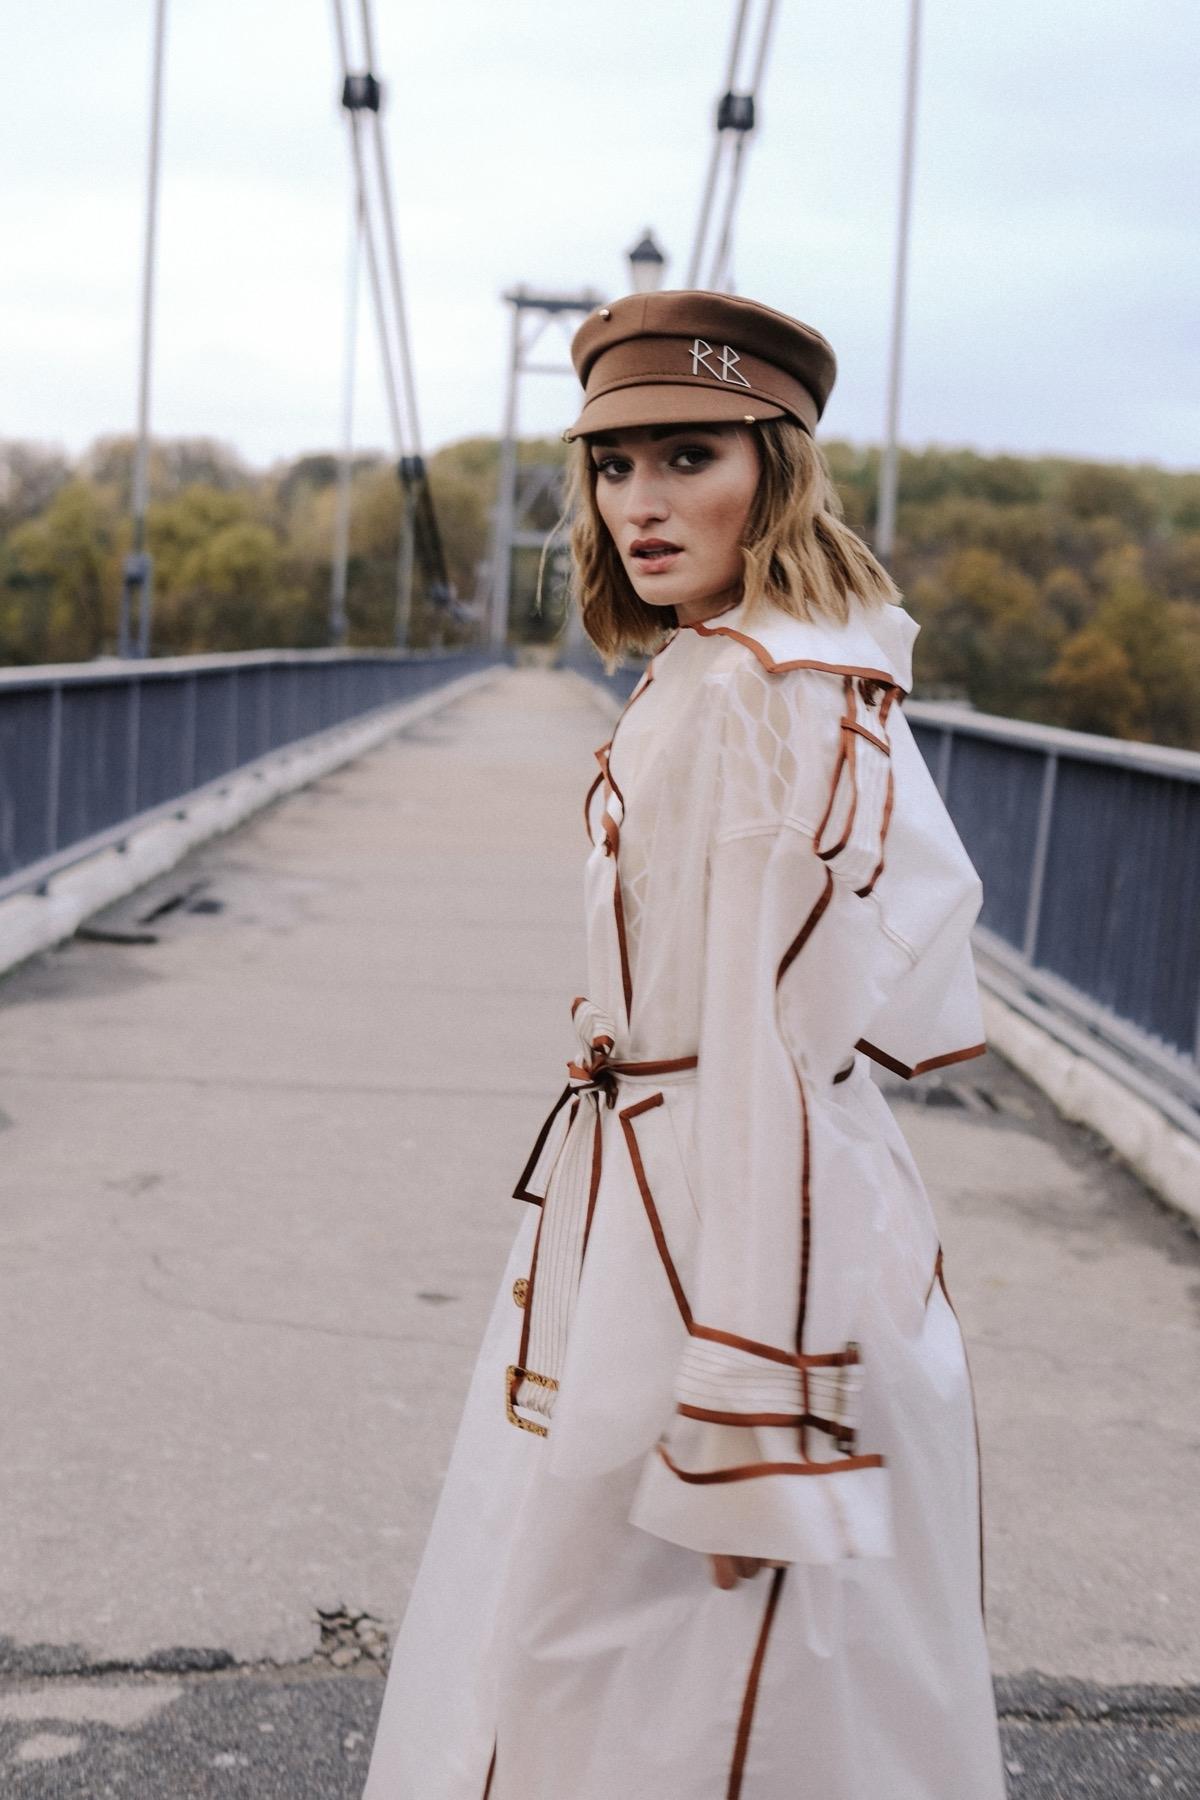 """""""Я всегда мечтала быть на сцене"""": Диана Глостер о блогерстве, работе над собой и новой песней """"Танцуй меня"""" - фото №8"""